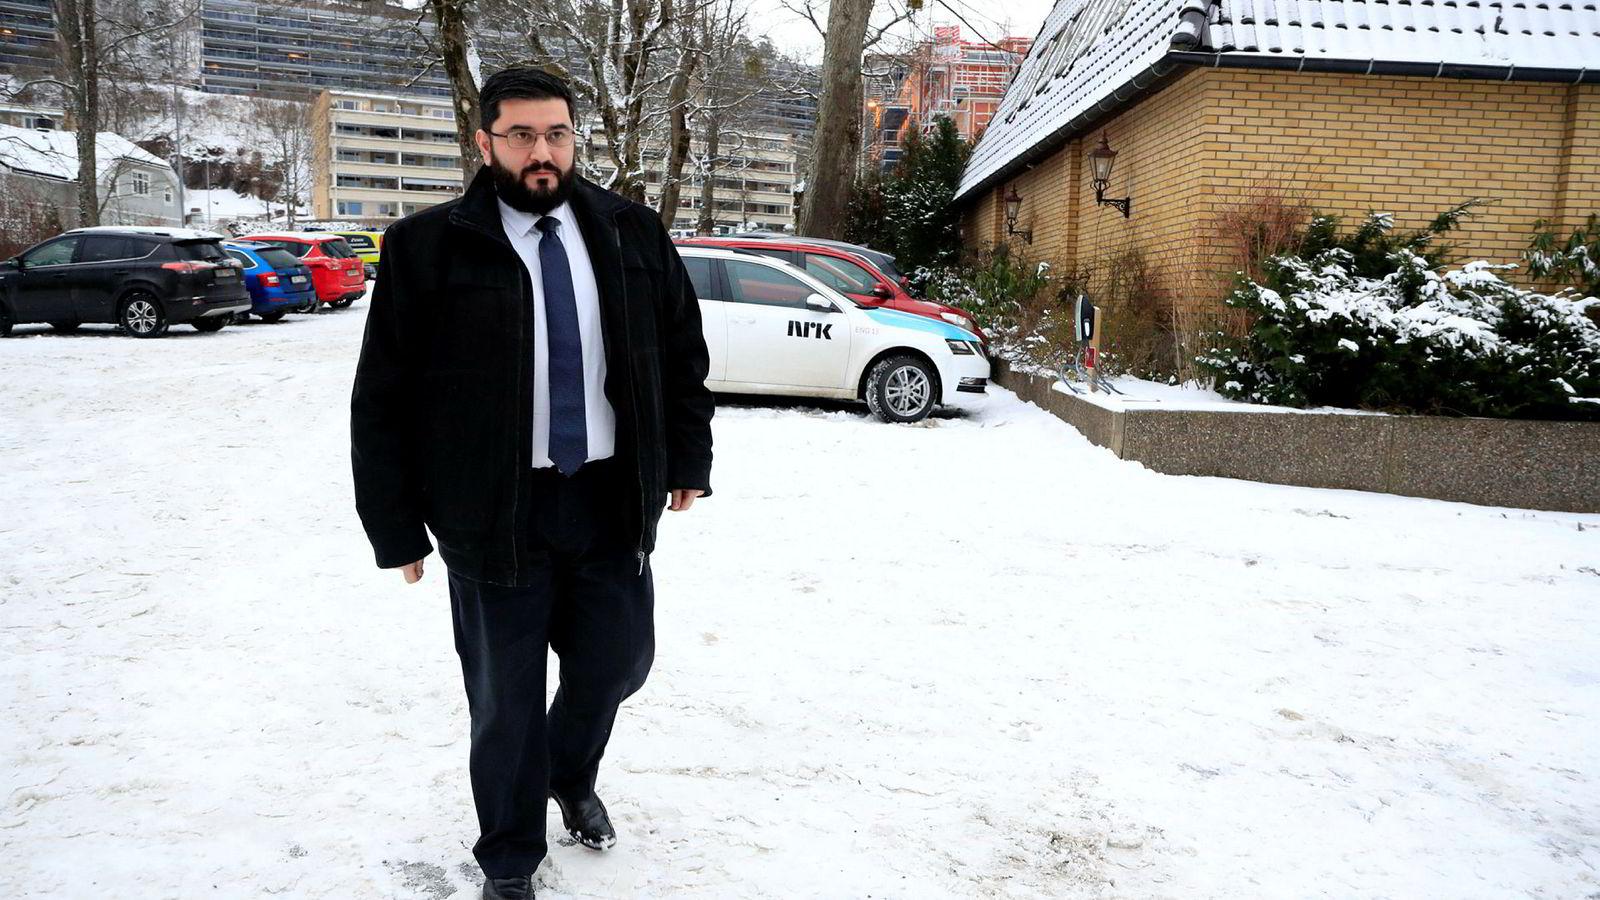 Mazyar Keshvari ble pågrepet i helgen og er siktet for grove trusler. Stortingspolitikeren nekter straffskyld.